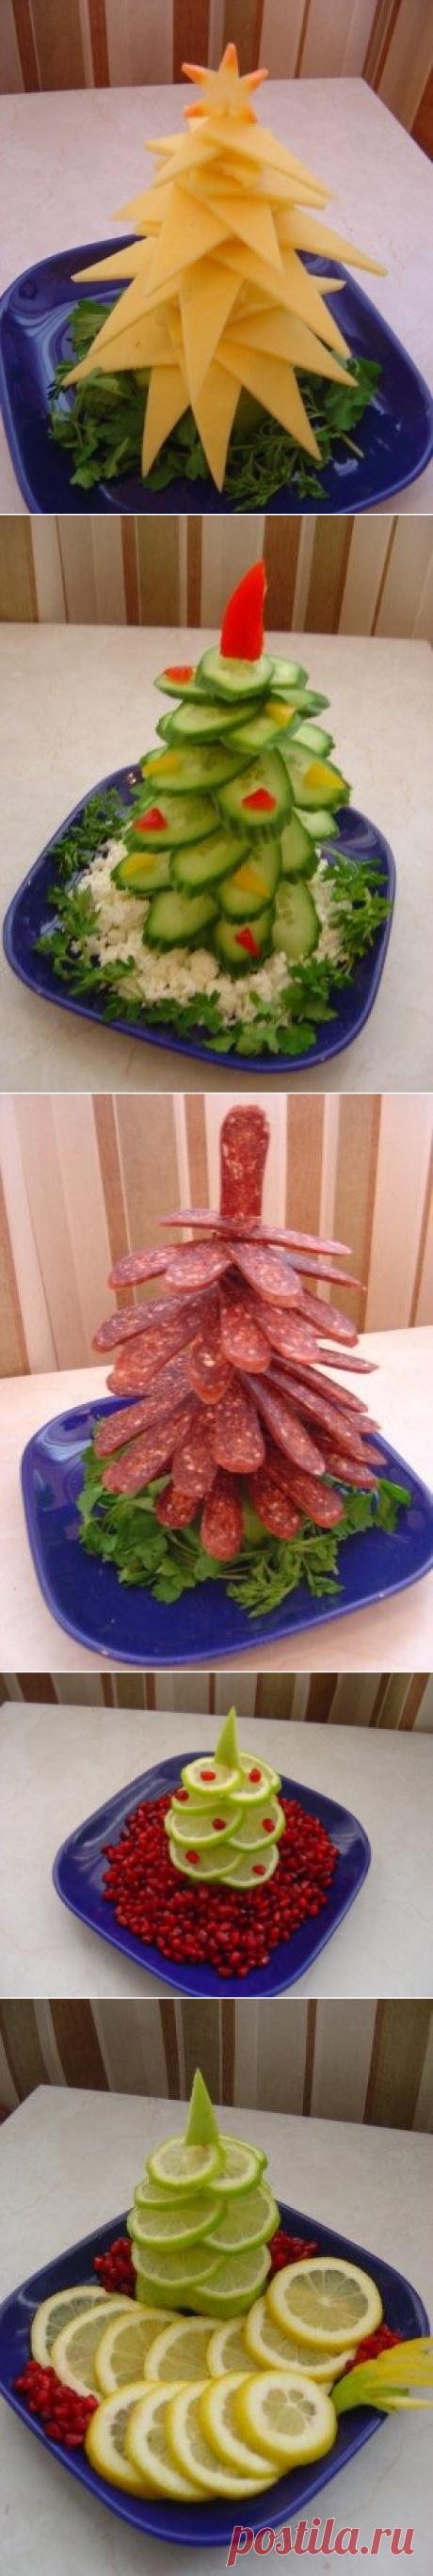 Аппетитные ёлочки к новогоднему столу